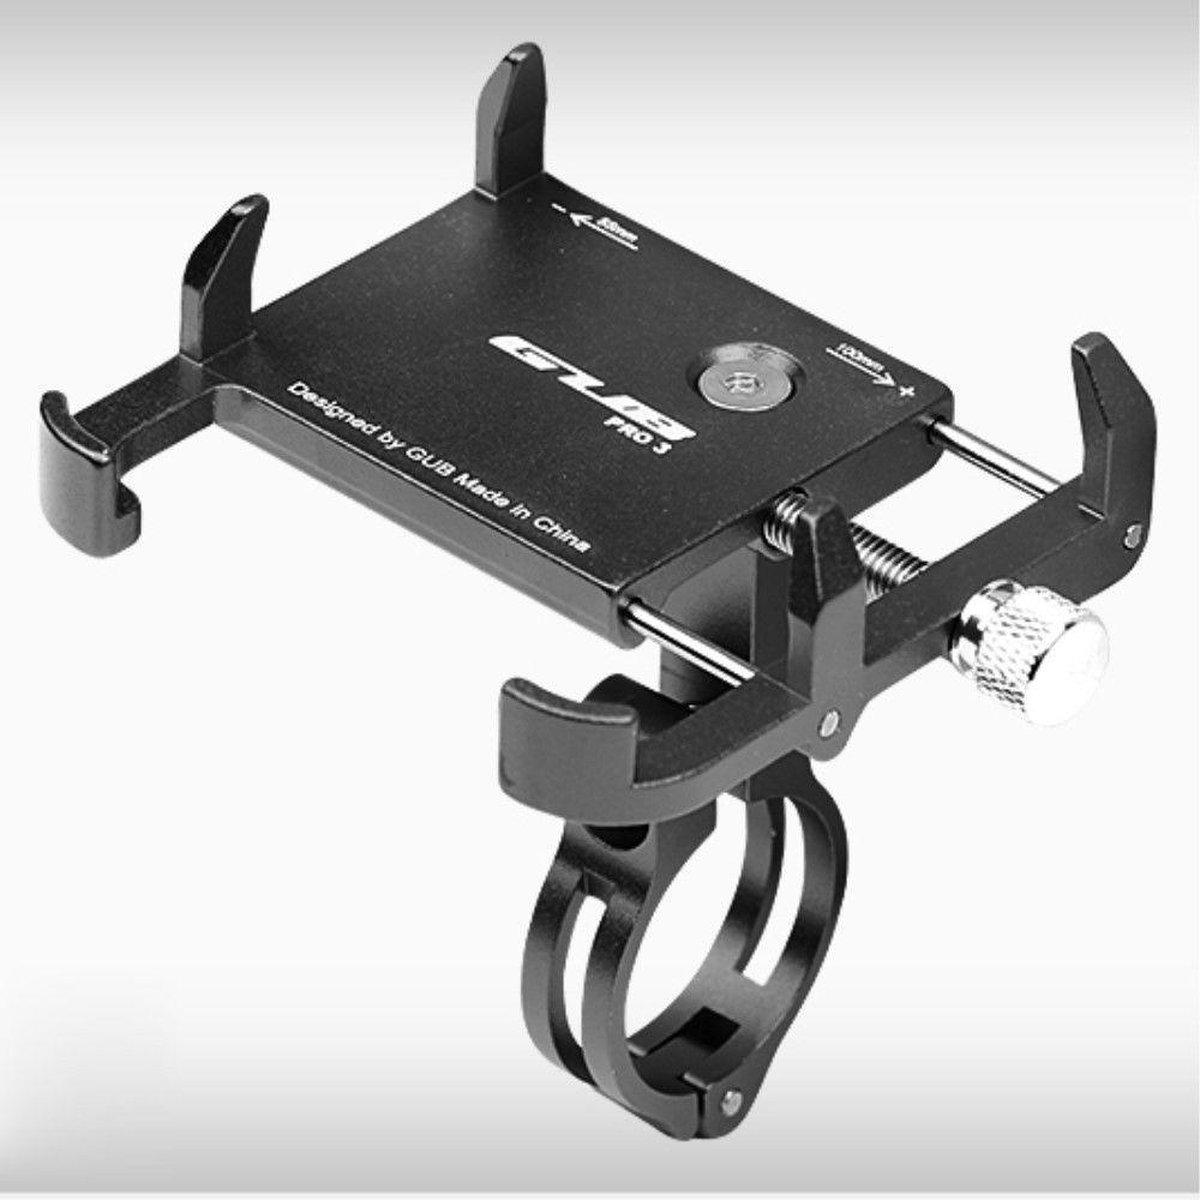 GUB Pro 3 Universele Fiets/Motor Telefoonhouder voor Smartphones Zwart